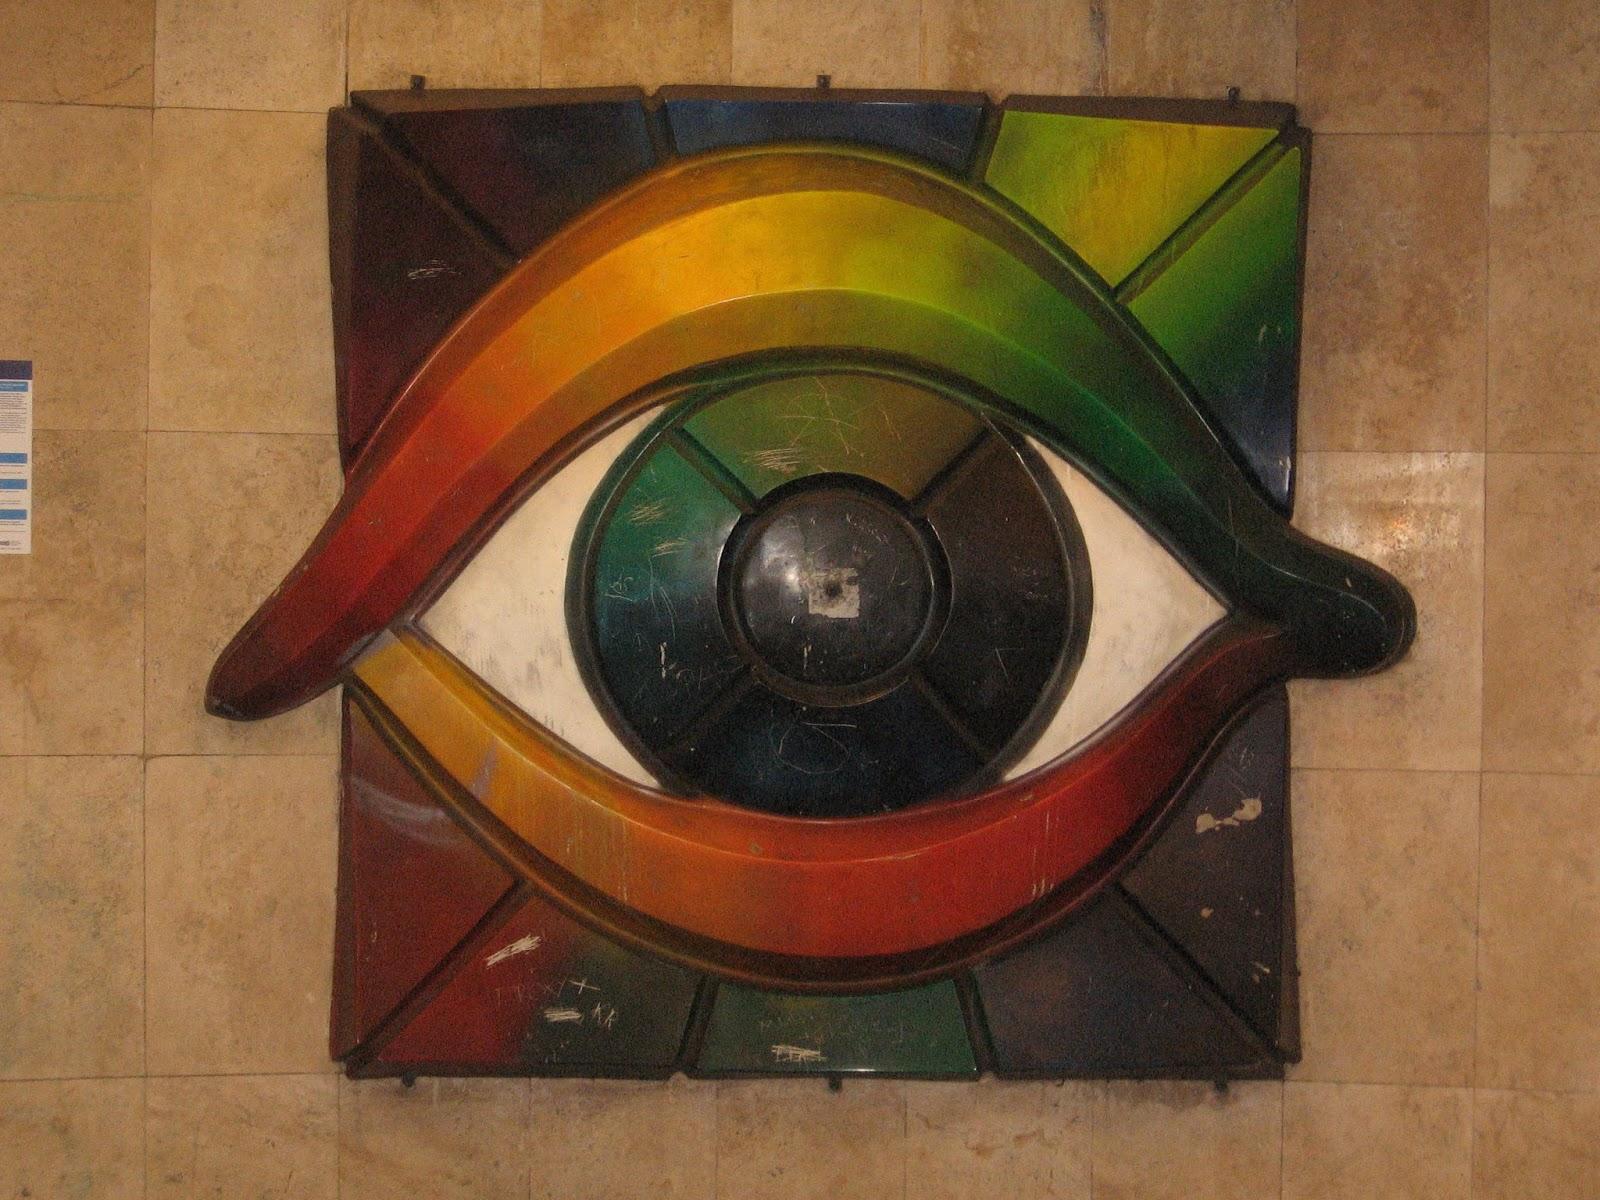 glaukóma normális látással látás mínusz mit jelent a dioptriákban